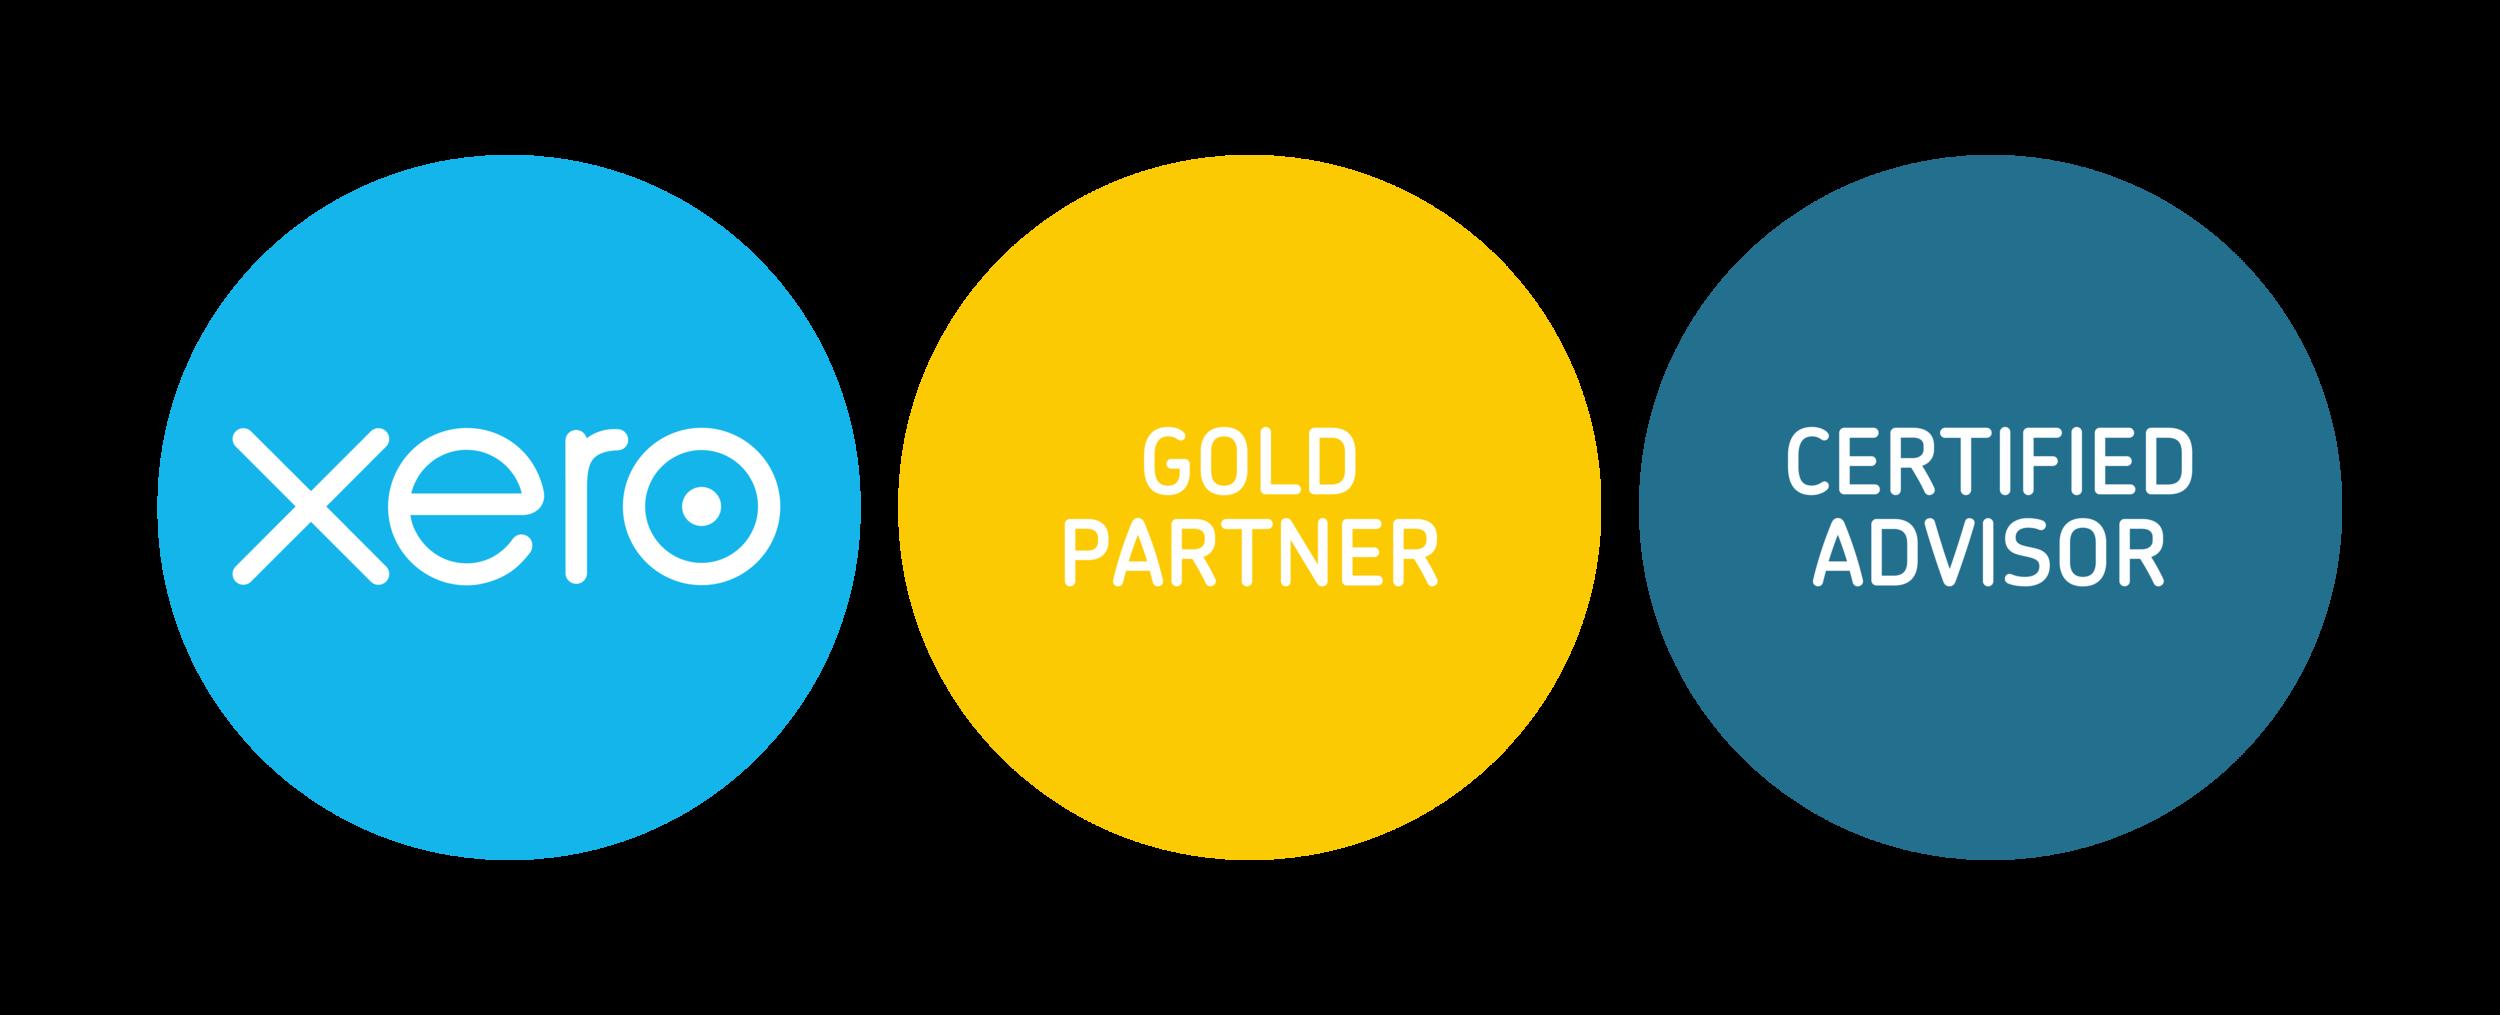 Xero Gold Champion Partner Accounting Superhero